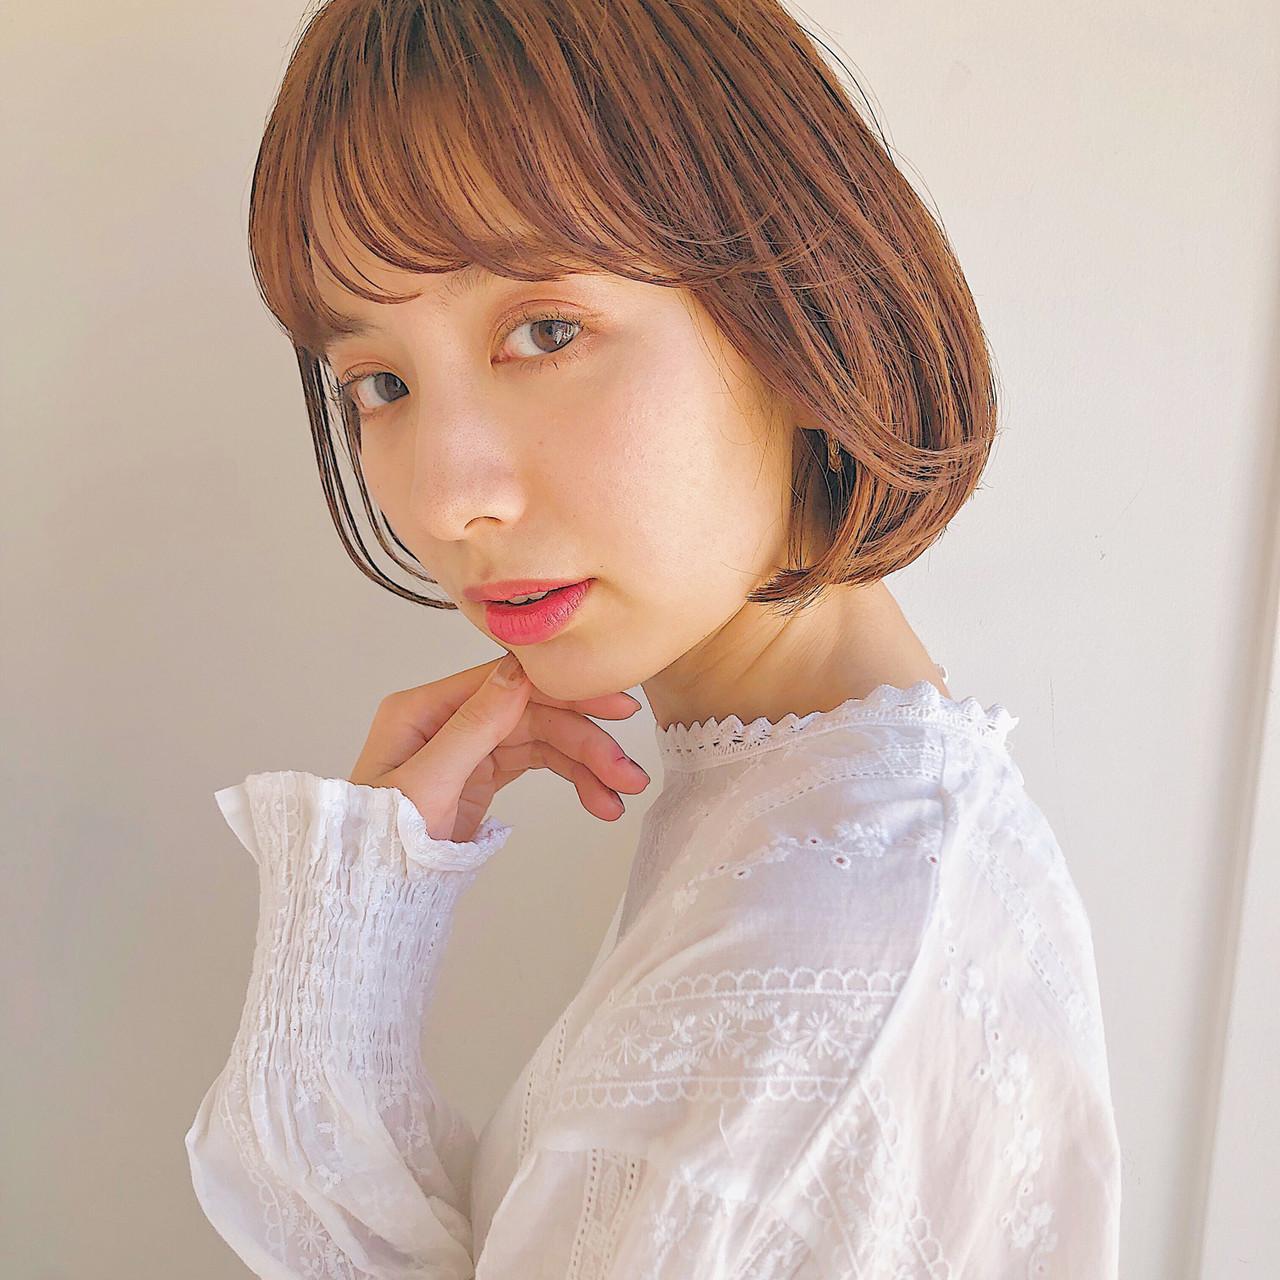 ボブ 韓国ヘア 切りっぱなしボブ ナチュラル ヘアスタイルや髪型の写真・画像